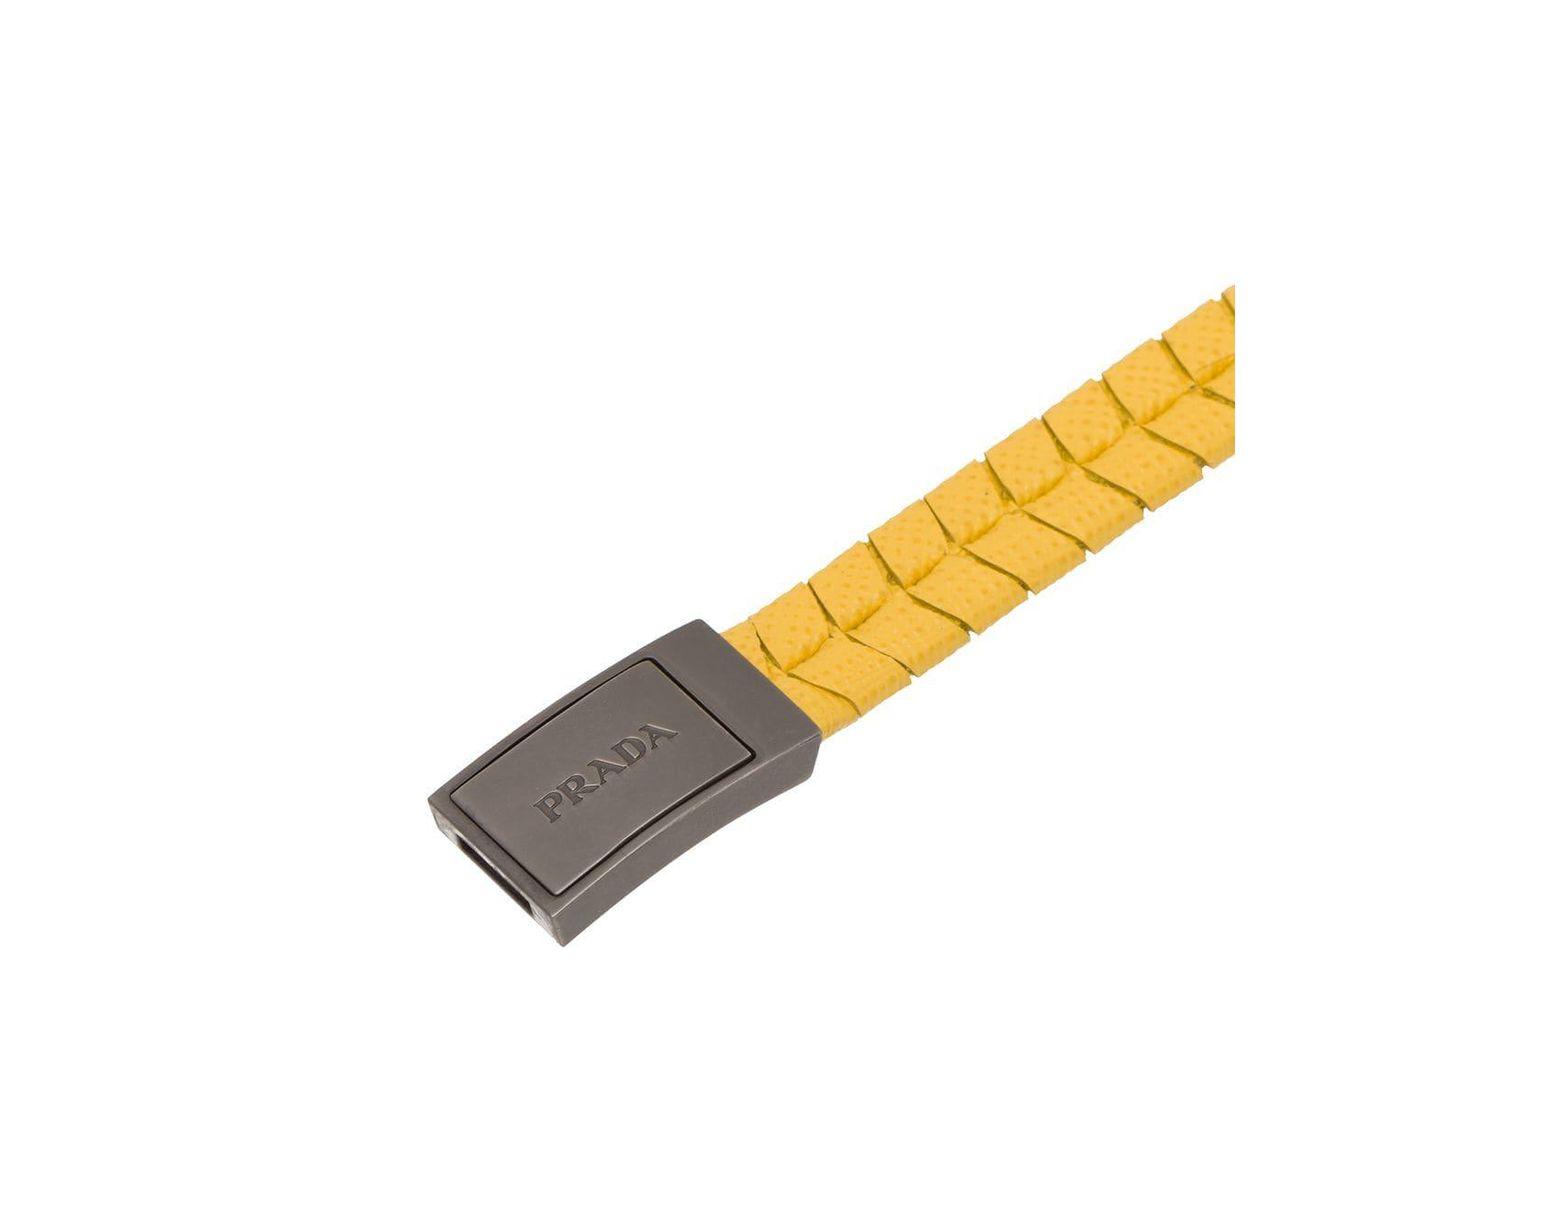 5b9ee25b0d298 Prada Armband aus Saffiano-Leder in Gelb für Herren - Lyst